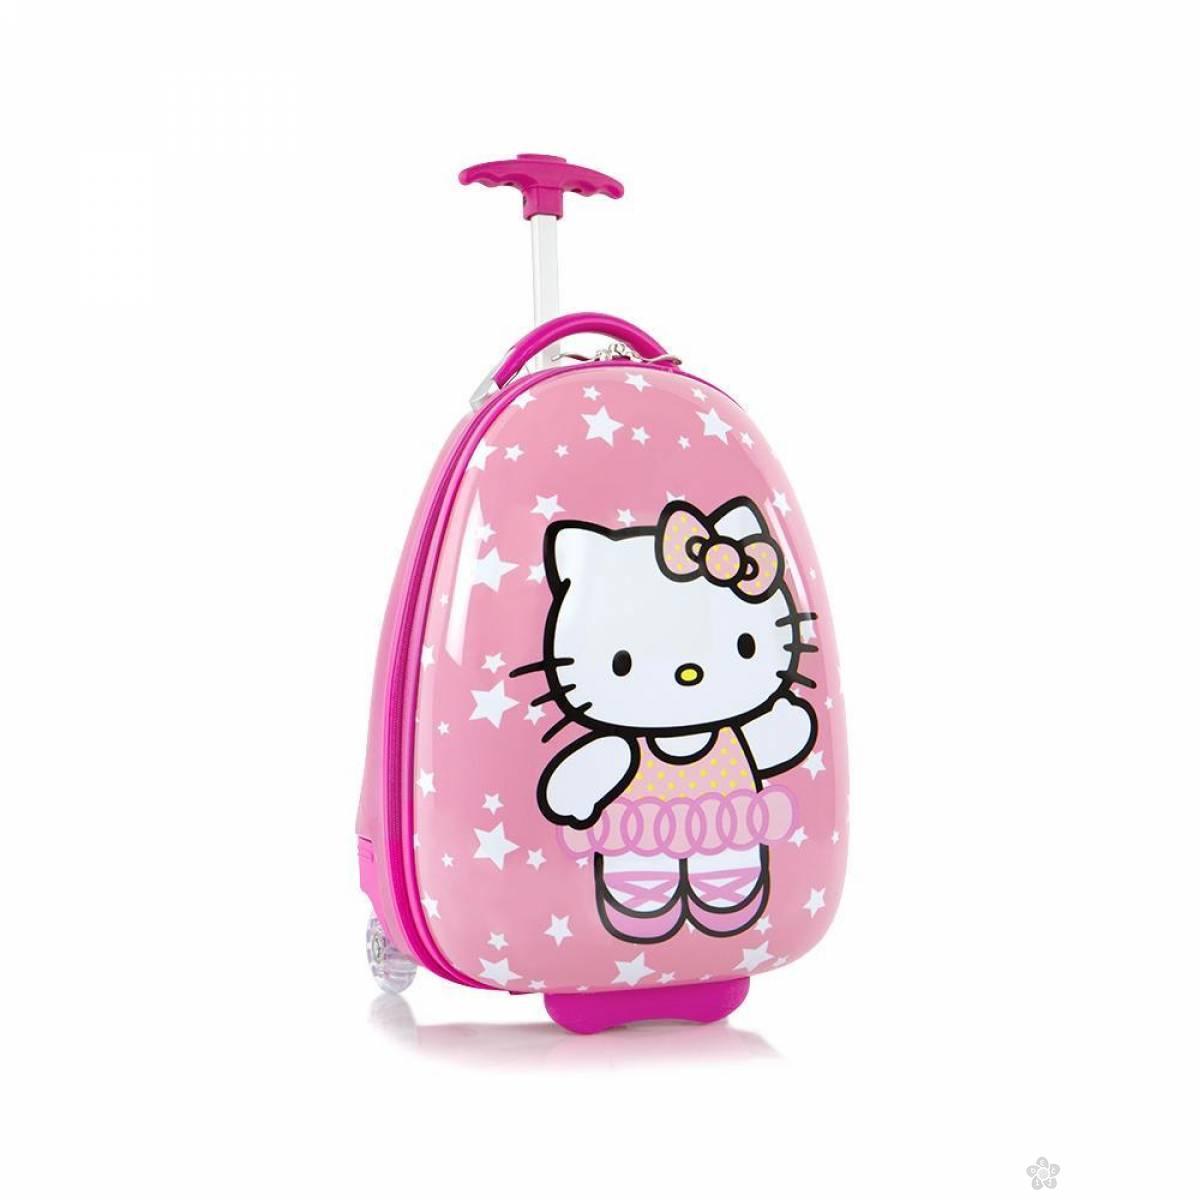 Deciji kofer Hello Kitty 16314-6042-00